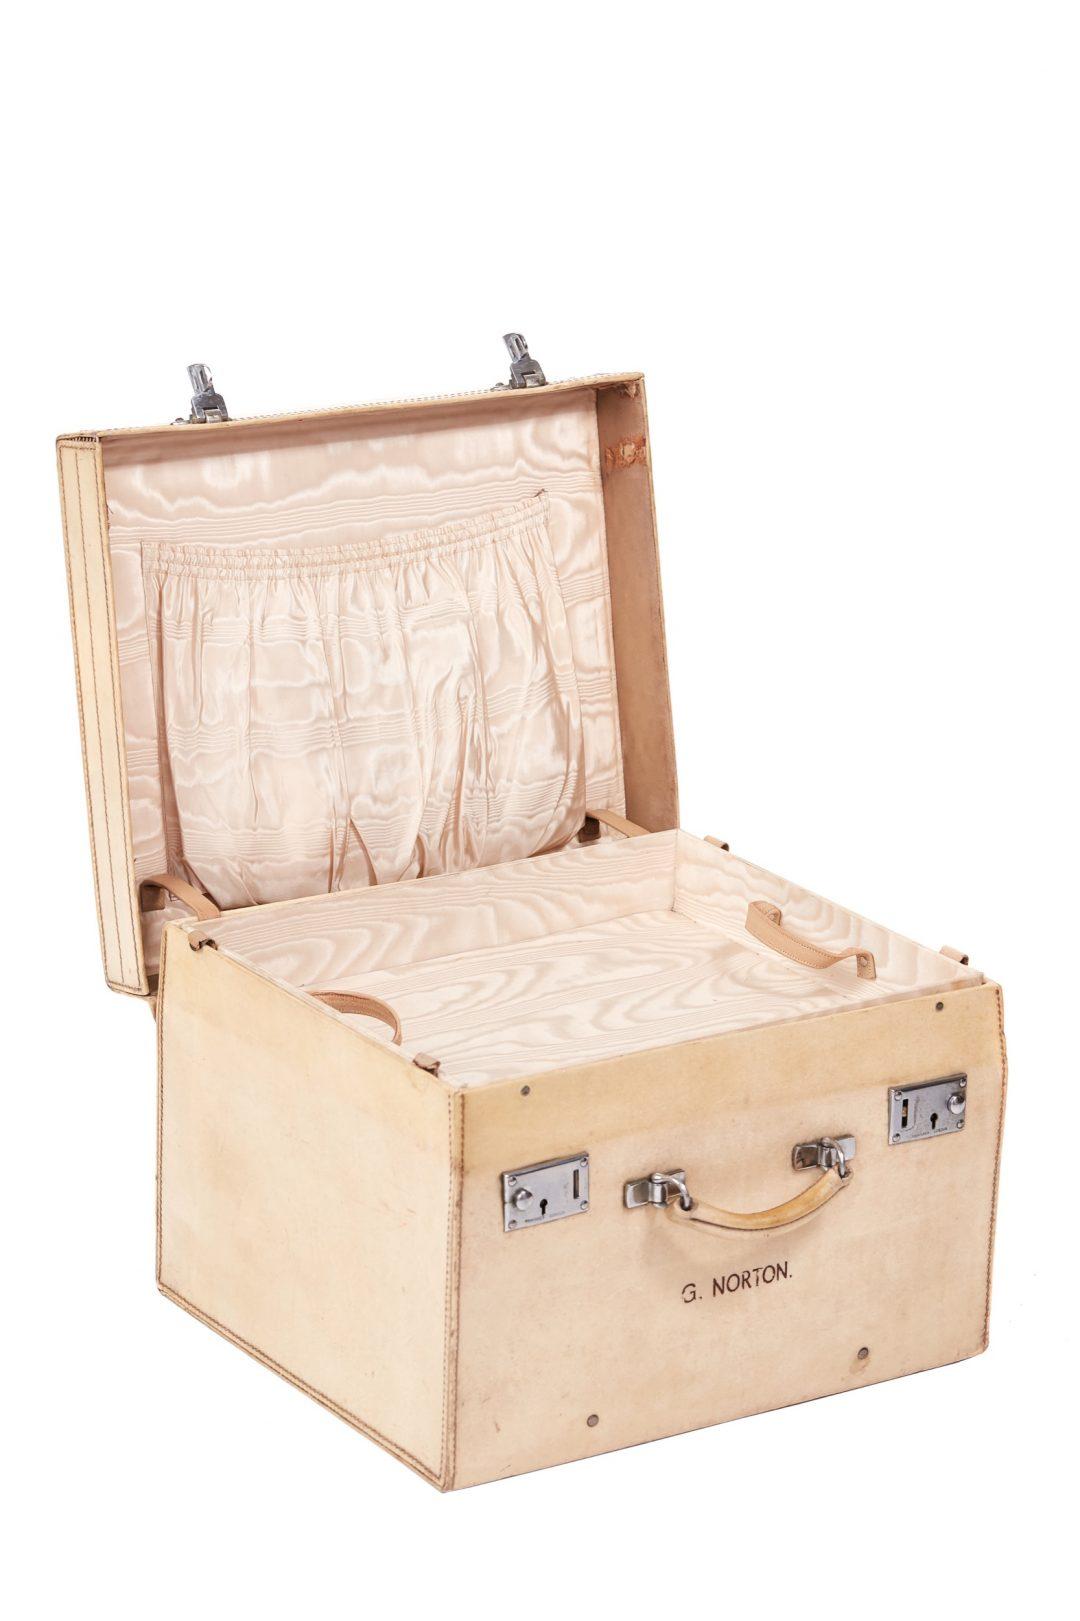 Finnigans travel case